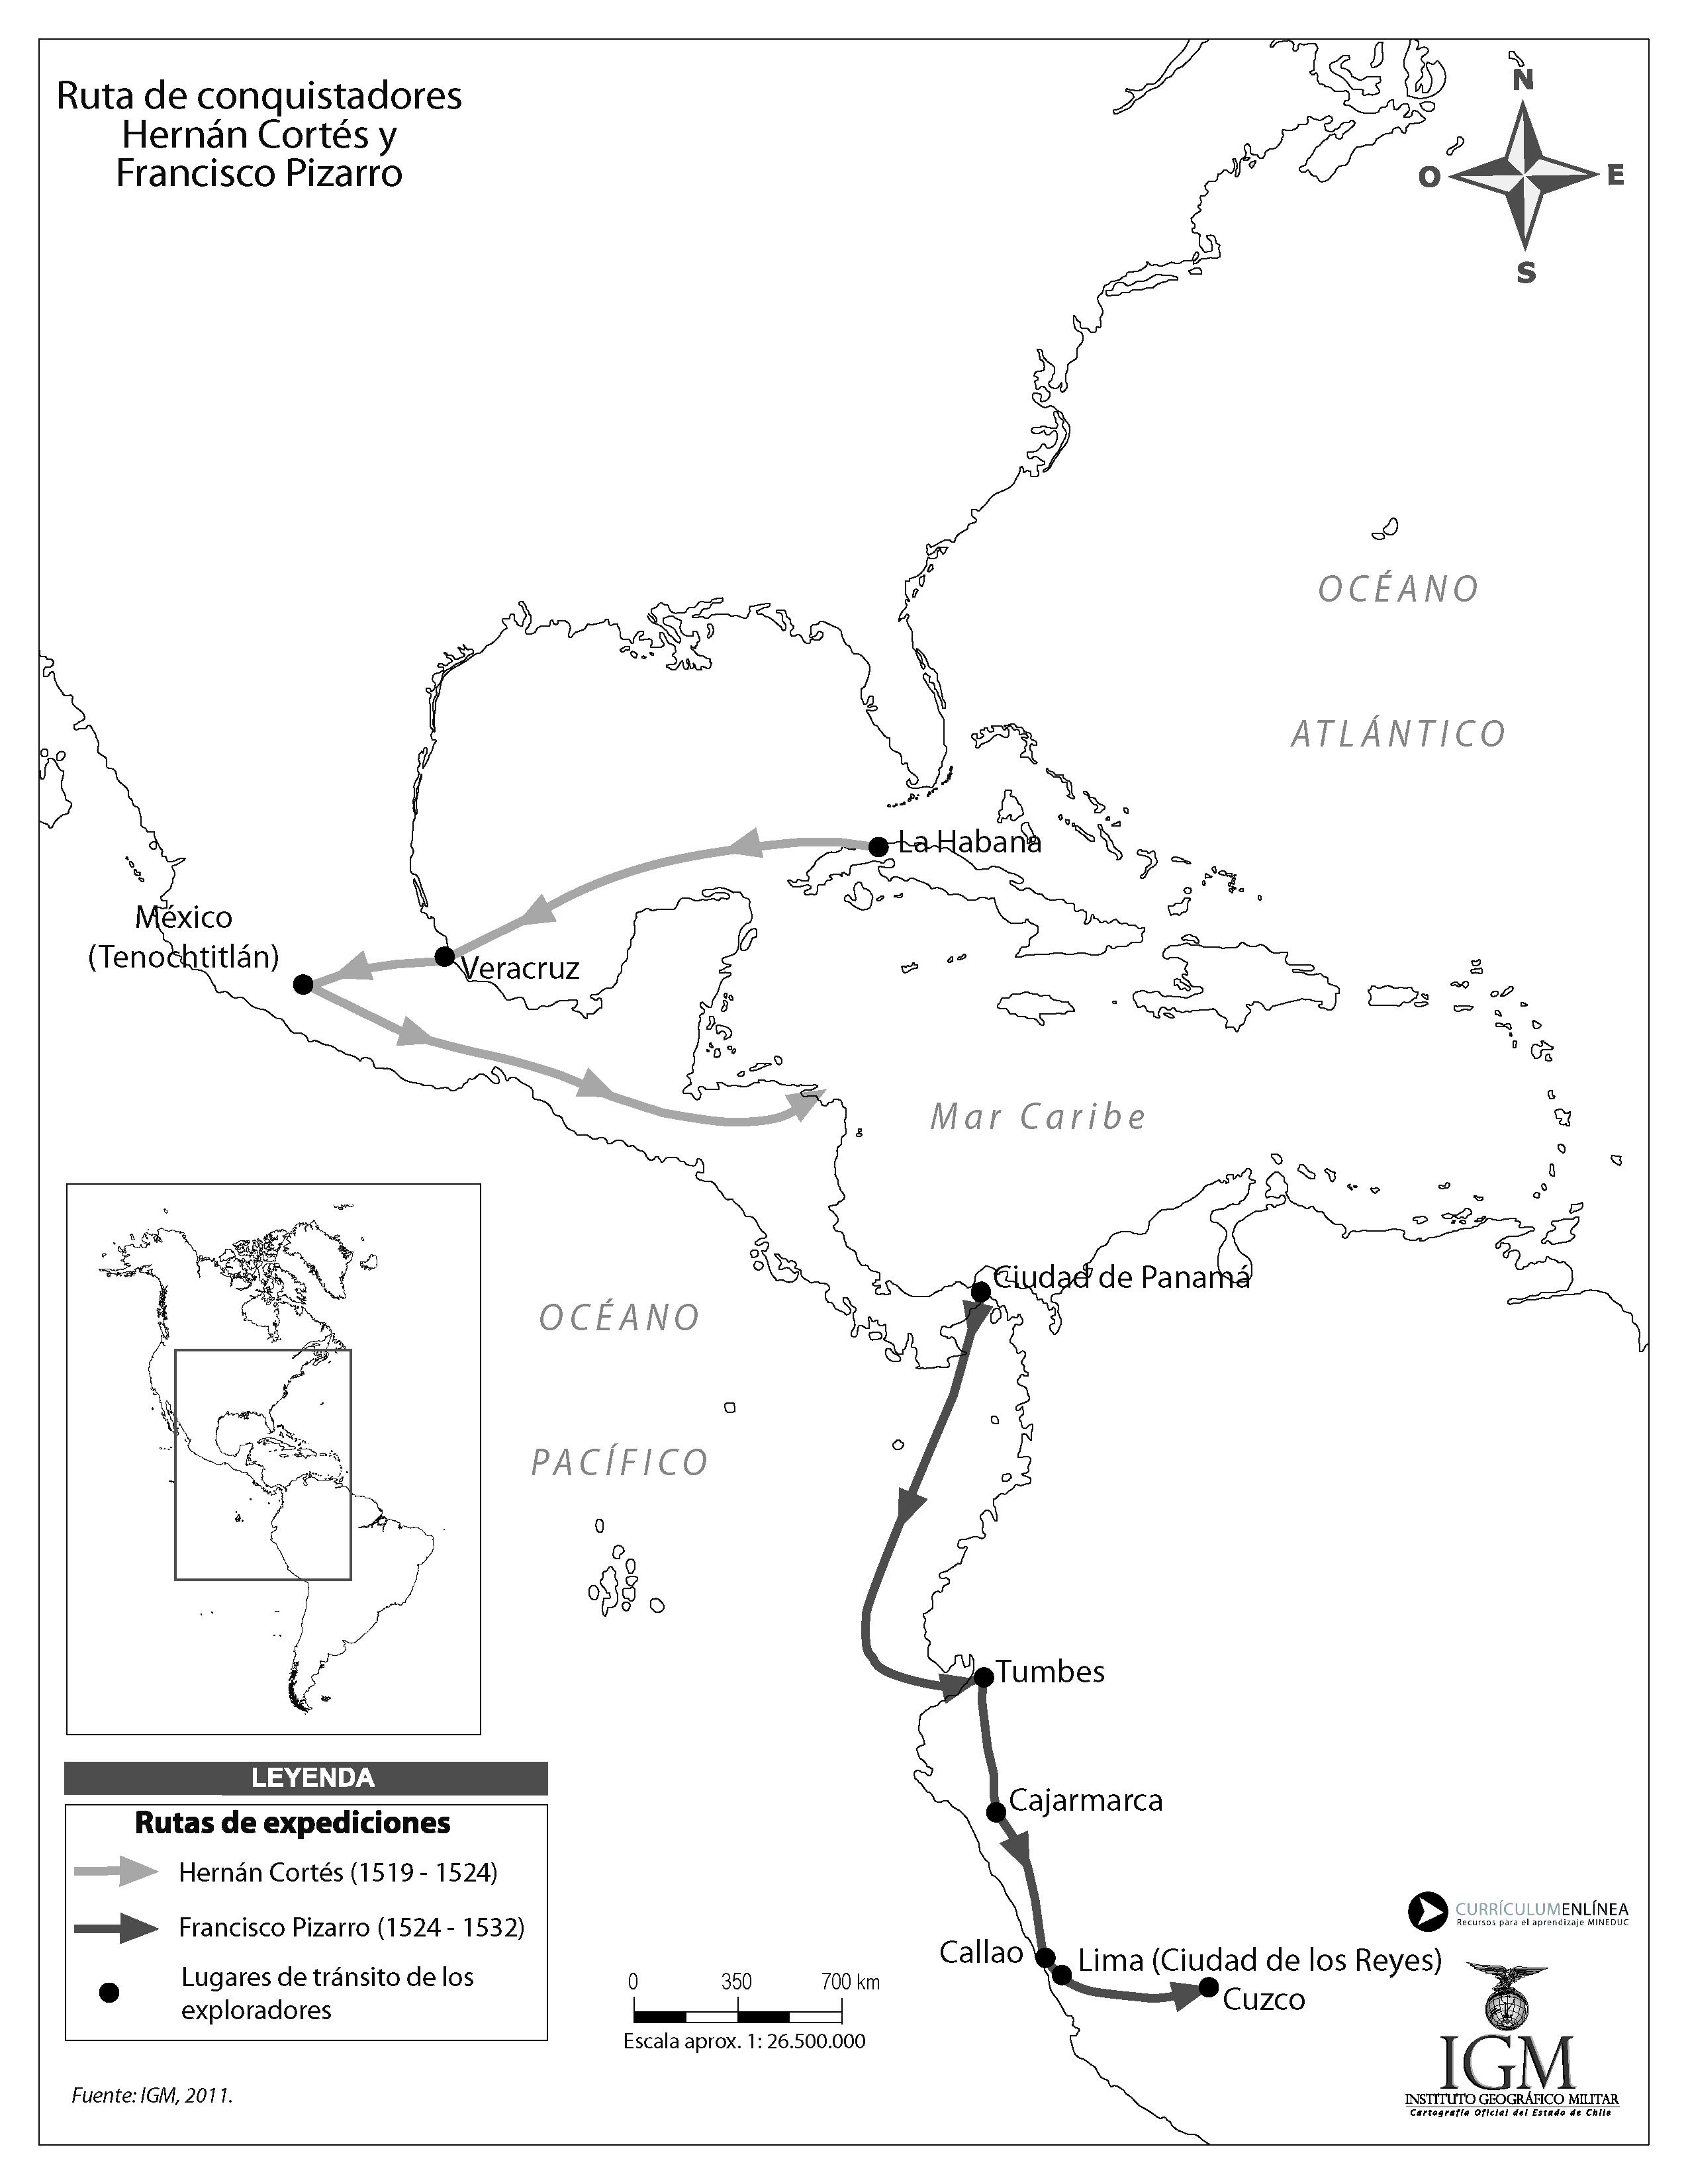 Ruta De Conquistadores Hernán Cortés Y Francisco Pizarro